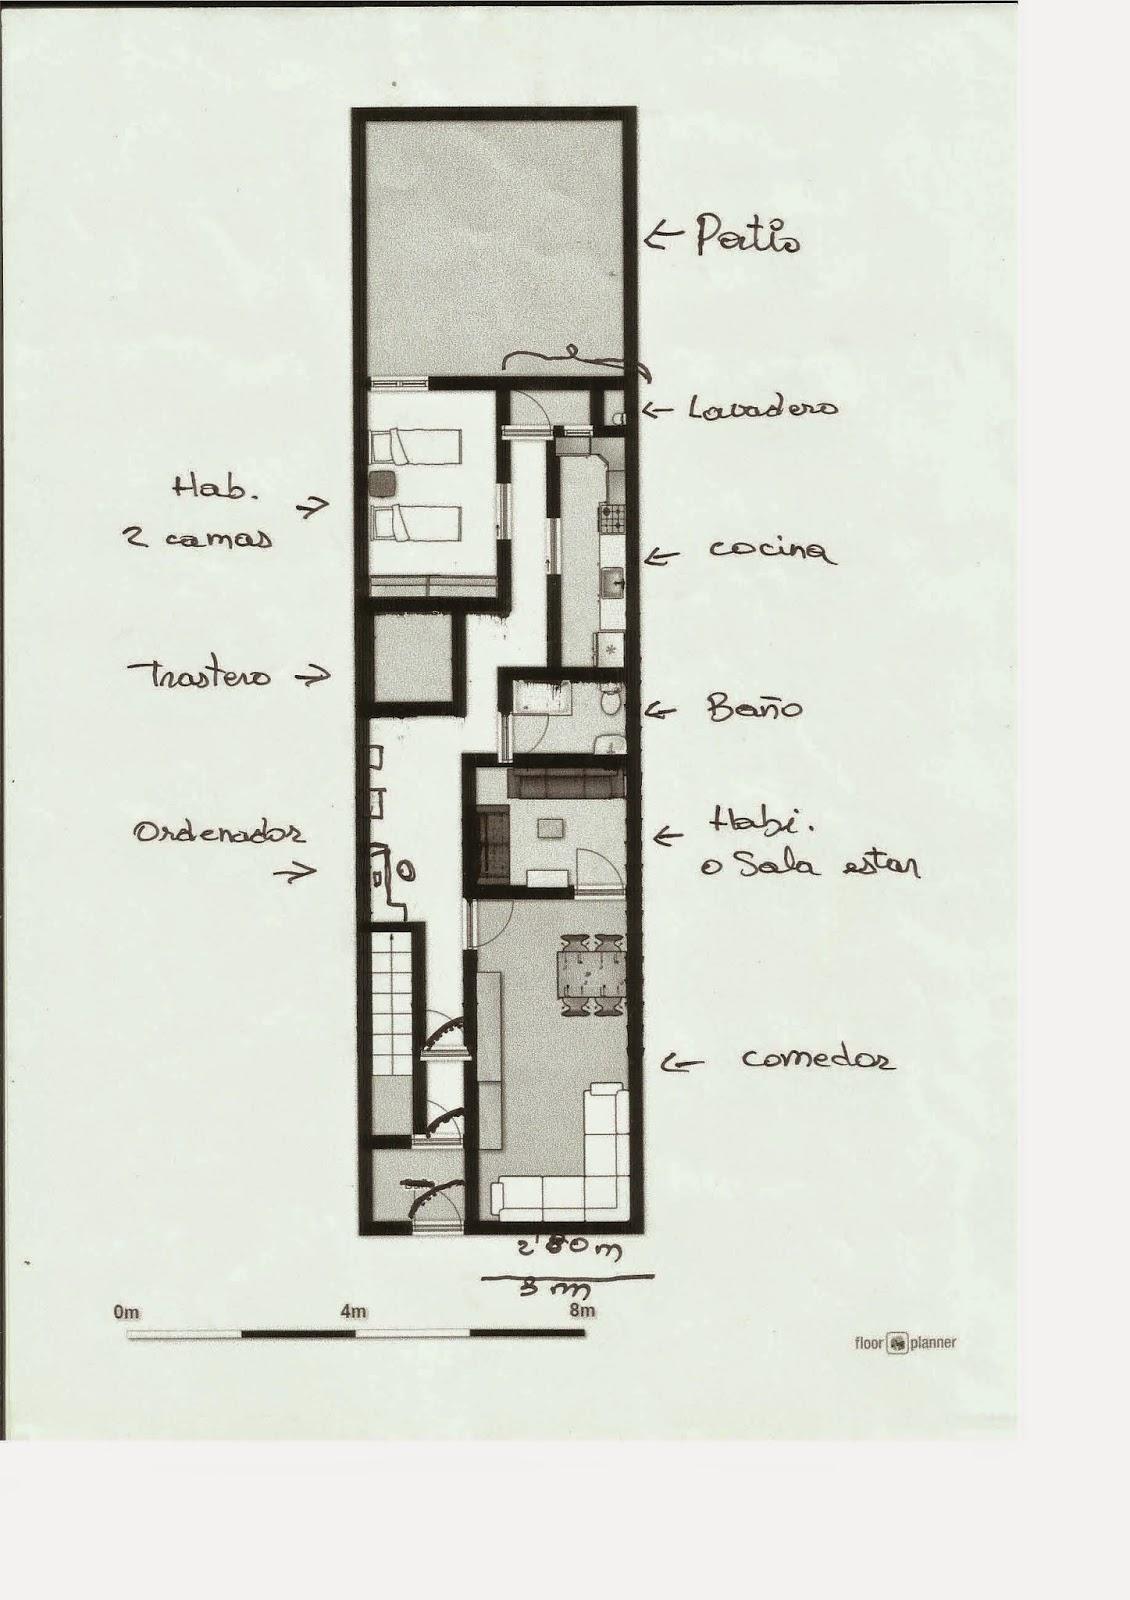 Presupuesto Construccin Casa. Latest Precios De Materiales With ...